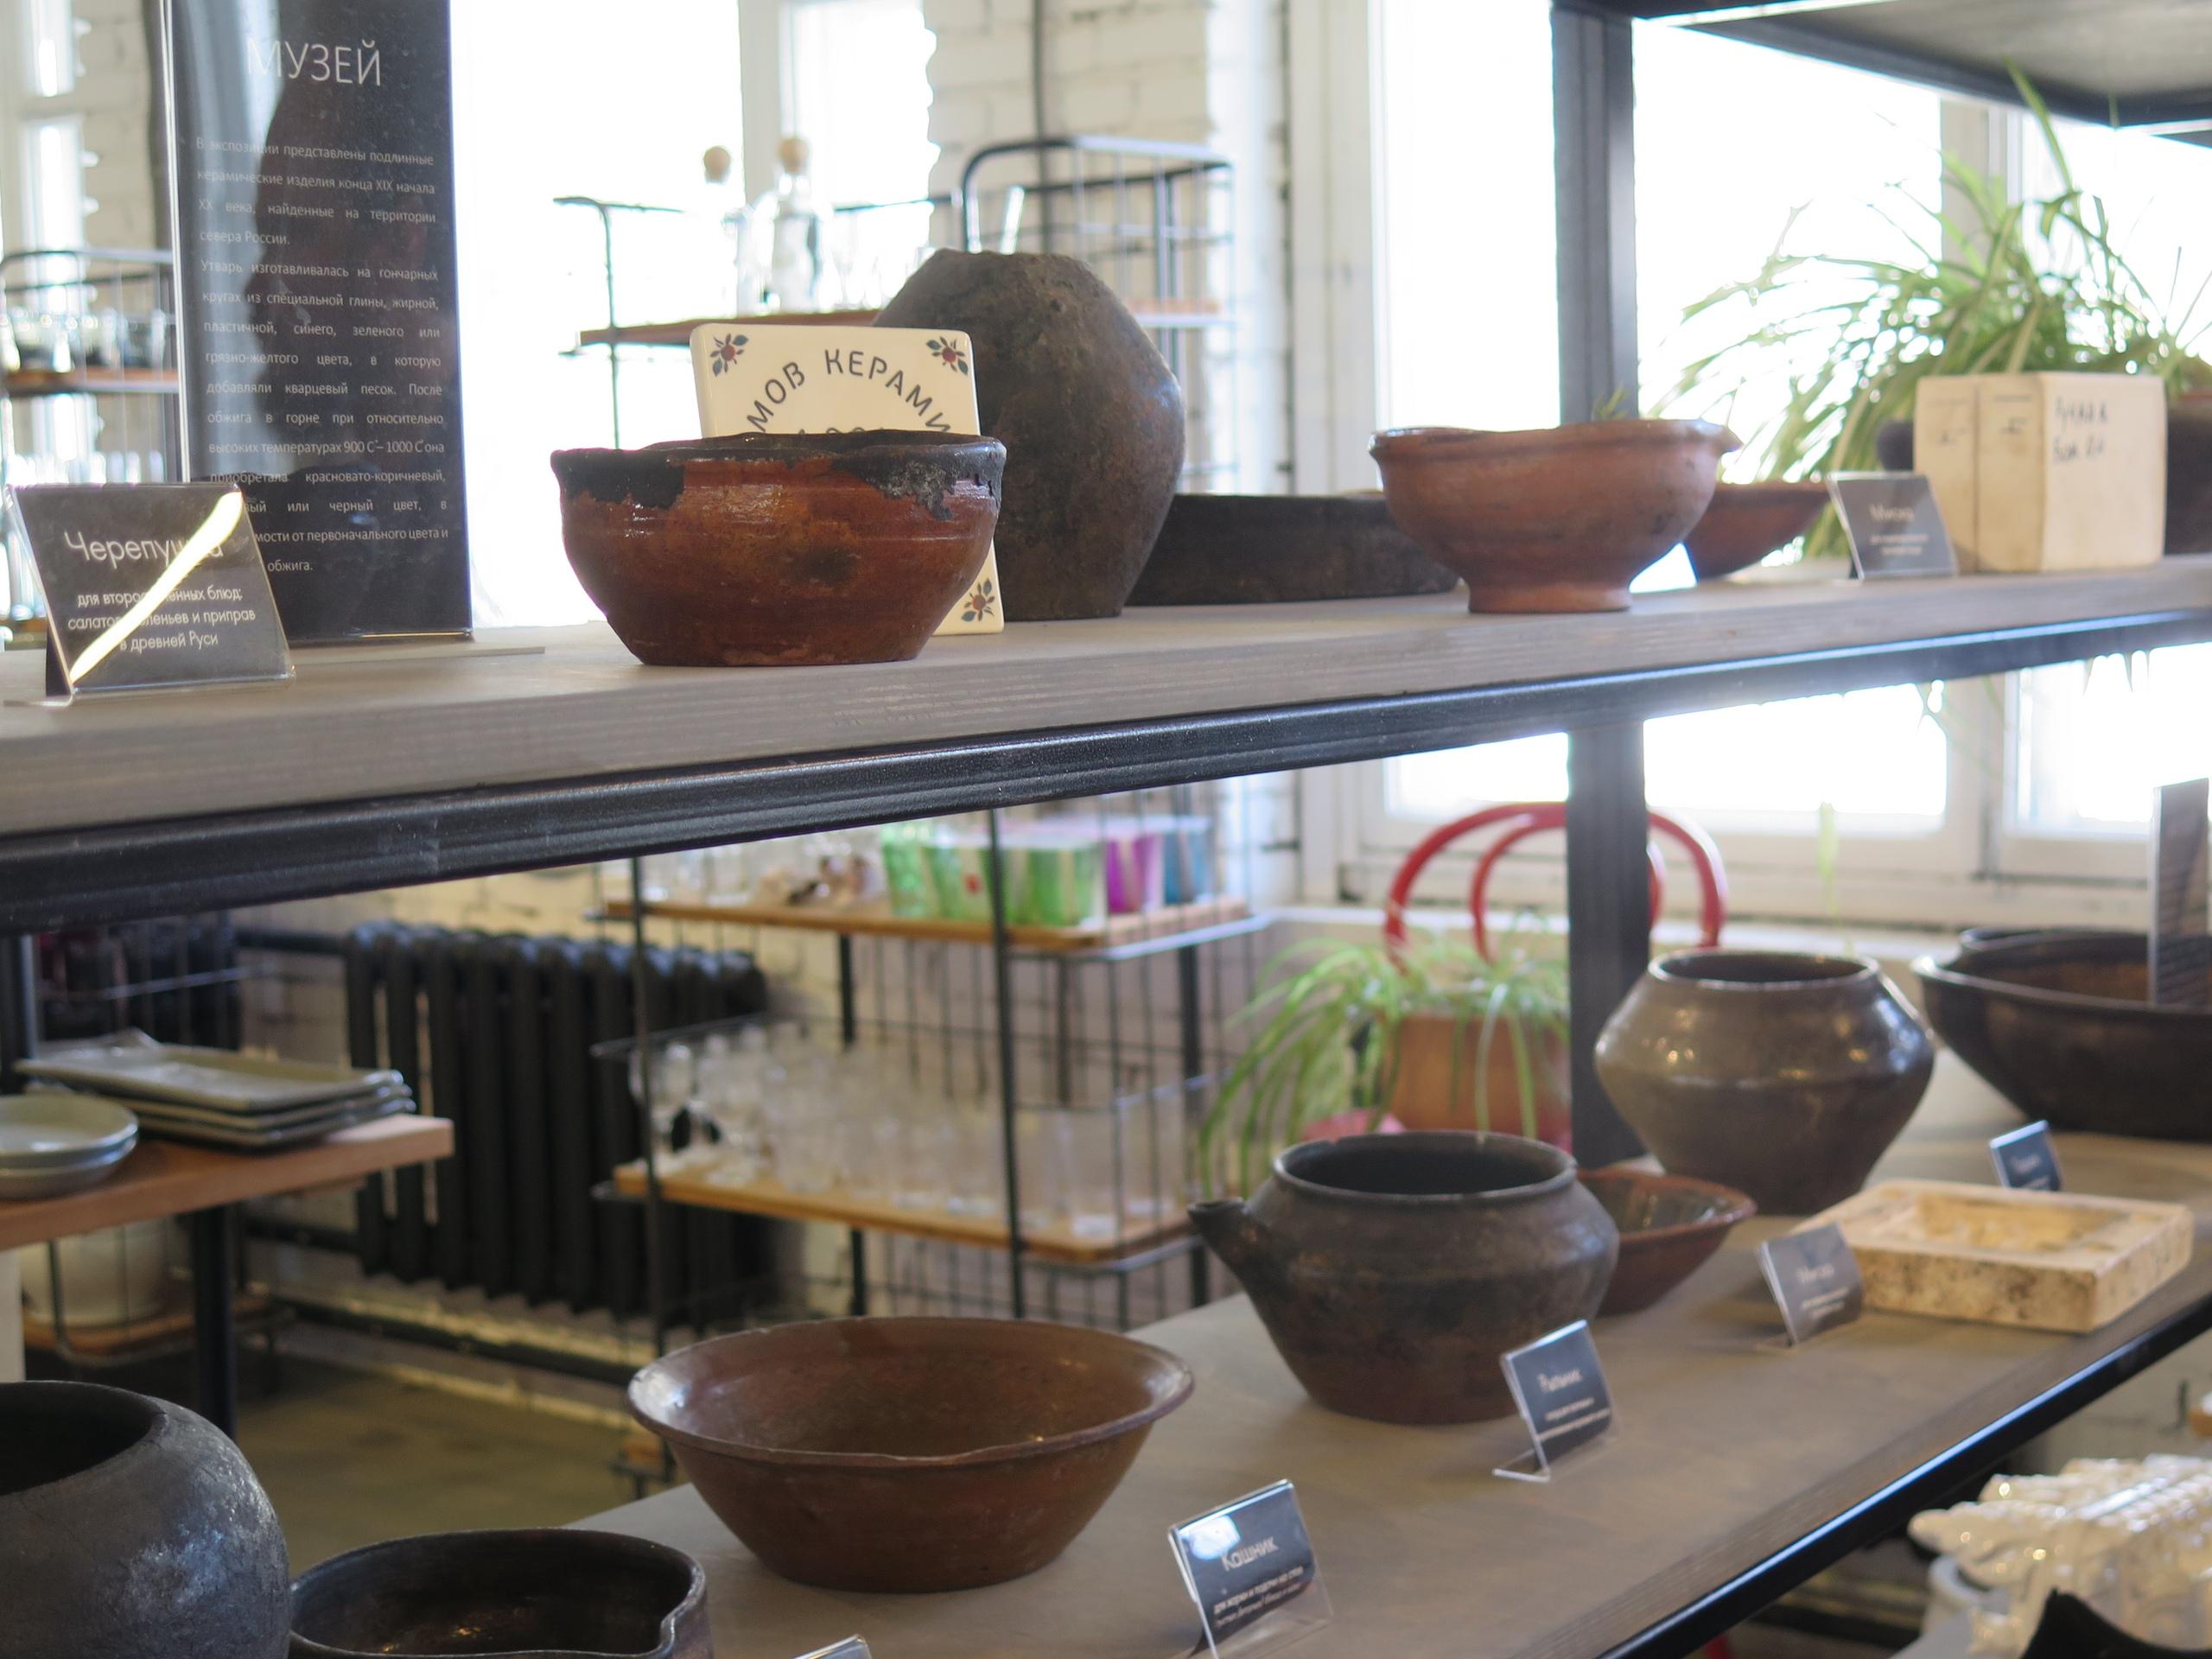 Почему каждое блюдо в древности готовили в своем горшке?